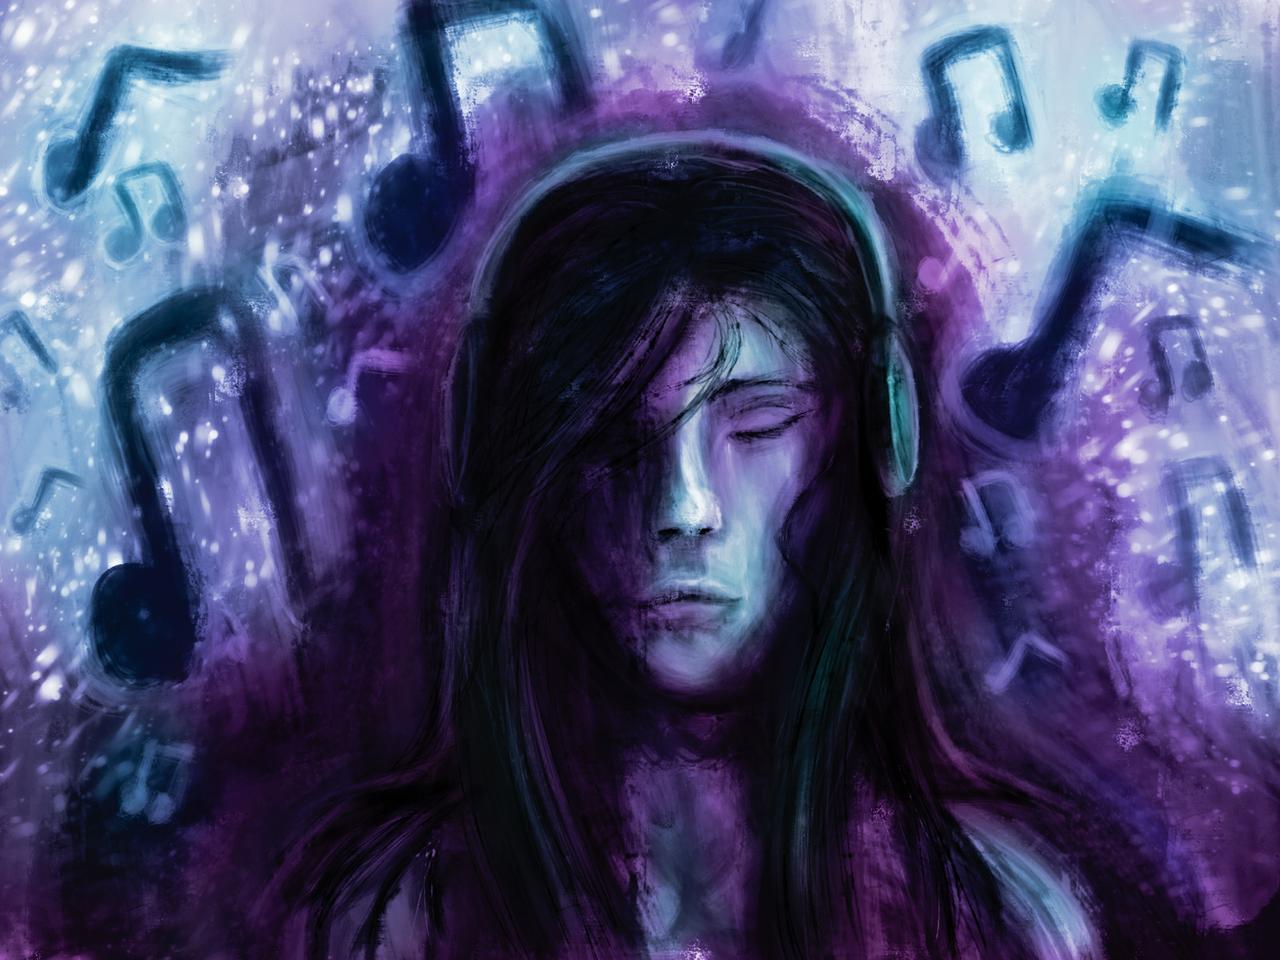 Music Illust of ℤ𝕖𝕟𝕜𝕒𝕥𝕒𝕣 medibangpaint music oc art simple